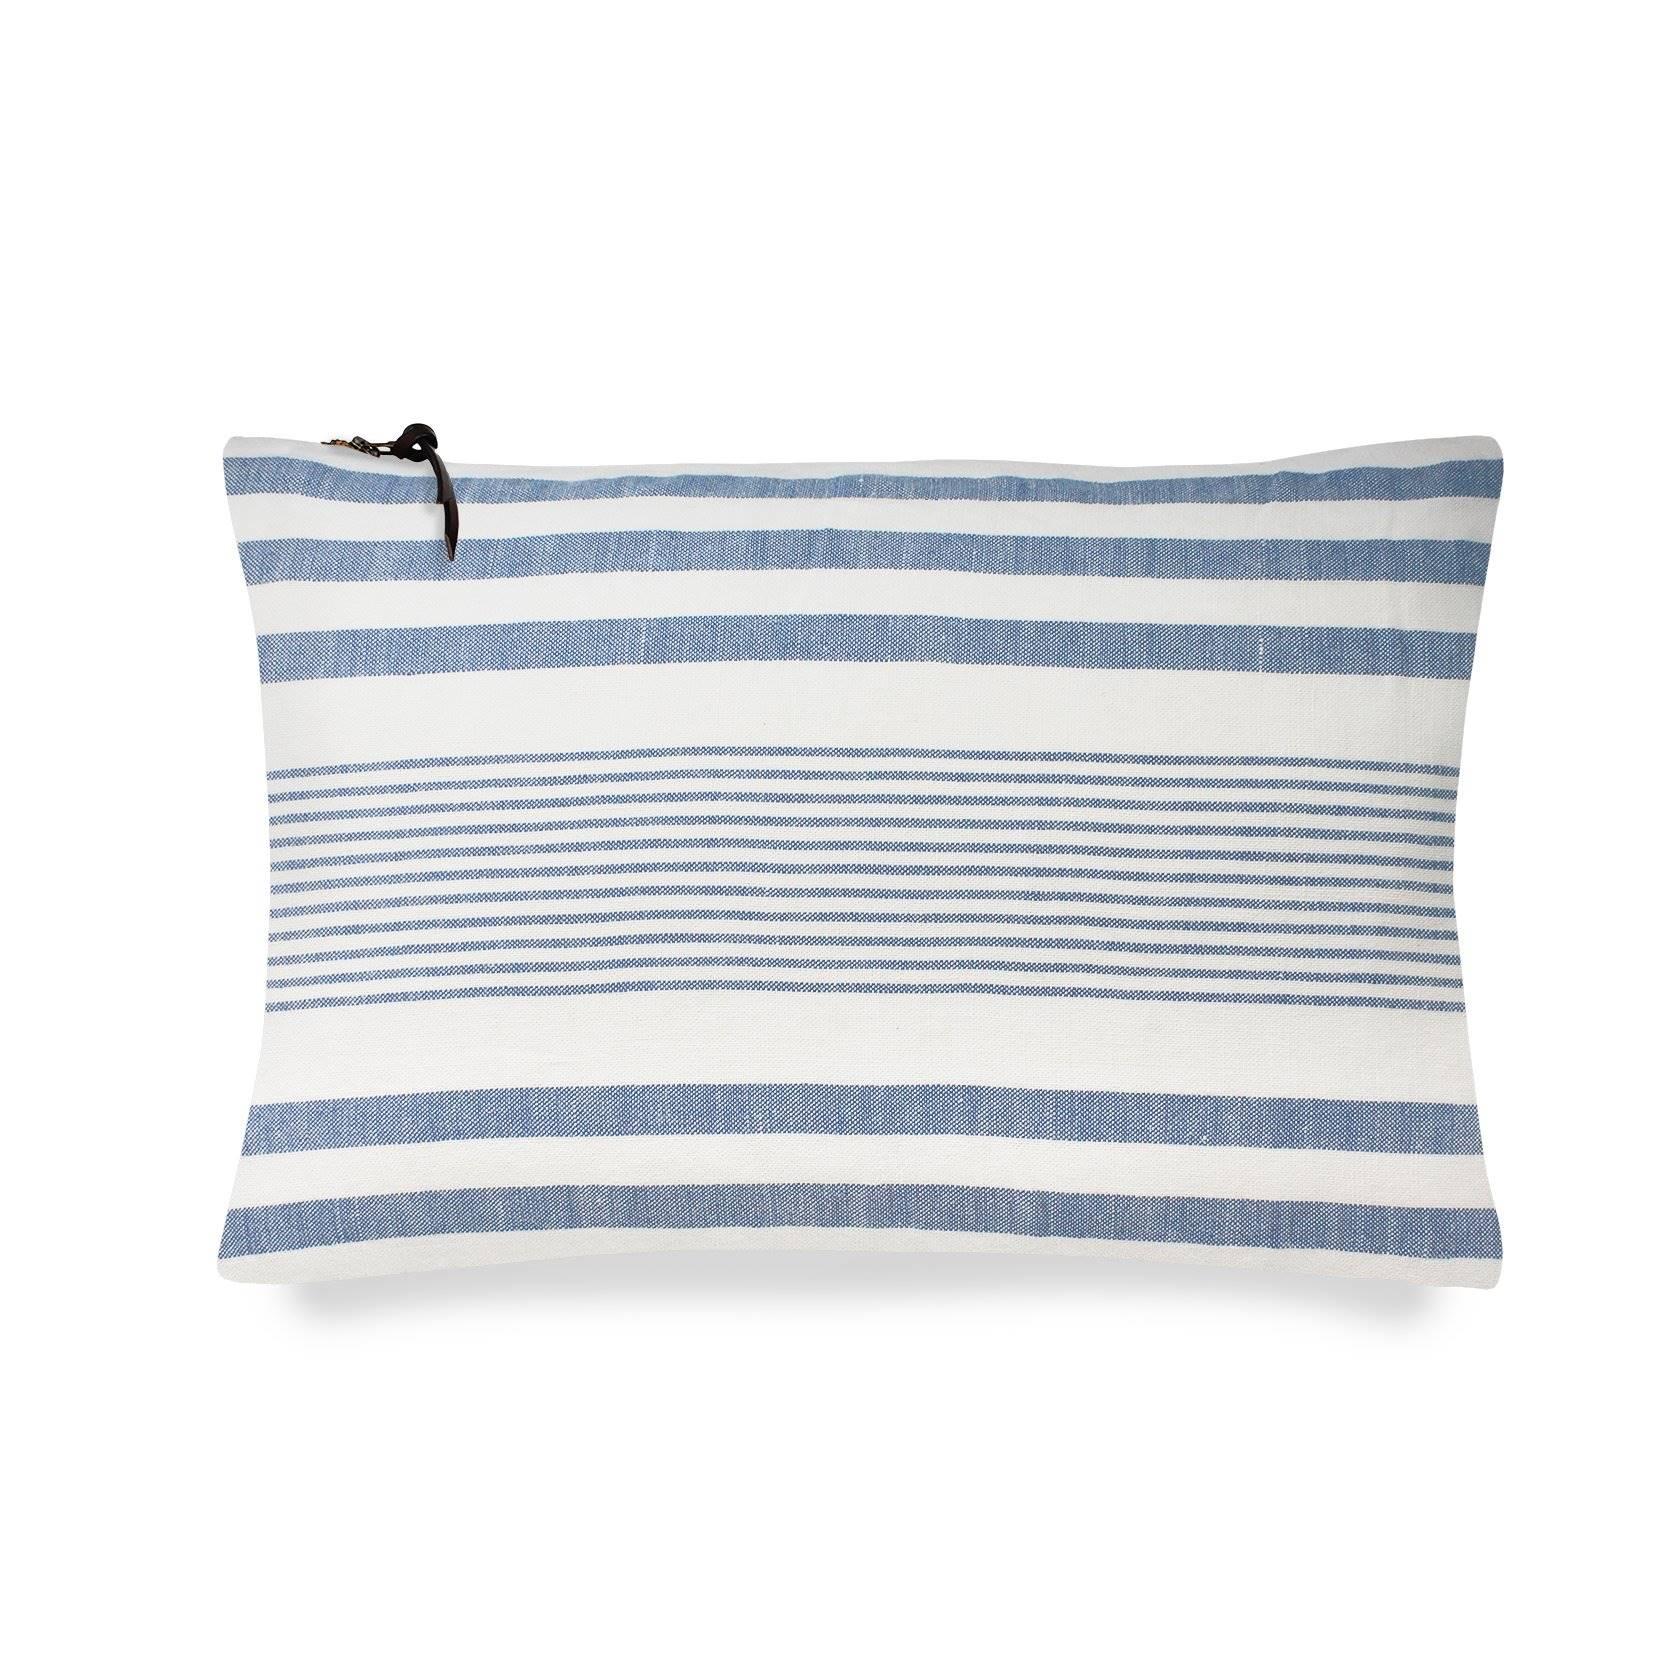 COJIN LINO 30X50   stripes azul mediterraneo BAJA 1672x1672. La particularidad de nuestros cojines es que llevan la cremallera vista y un lazo de piel que los rubrica